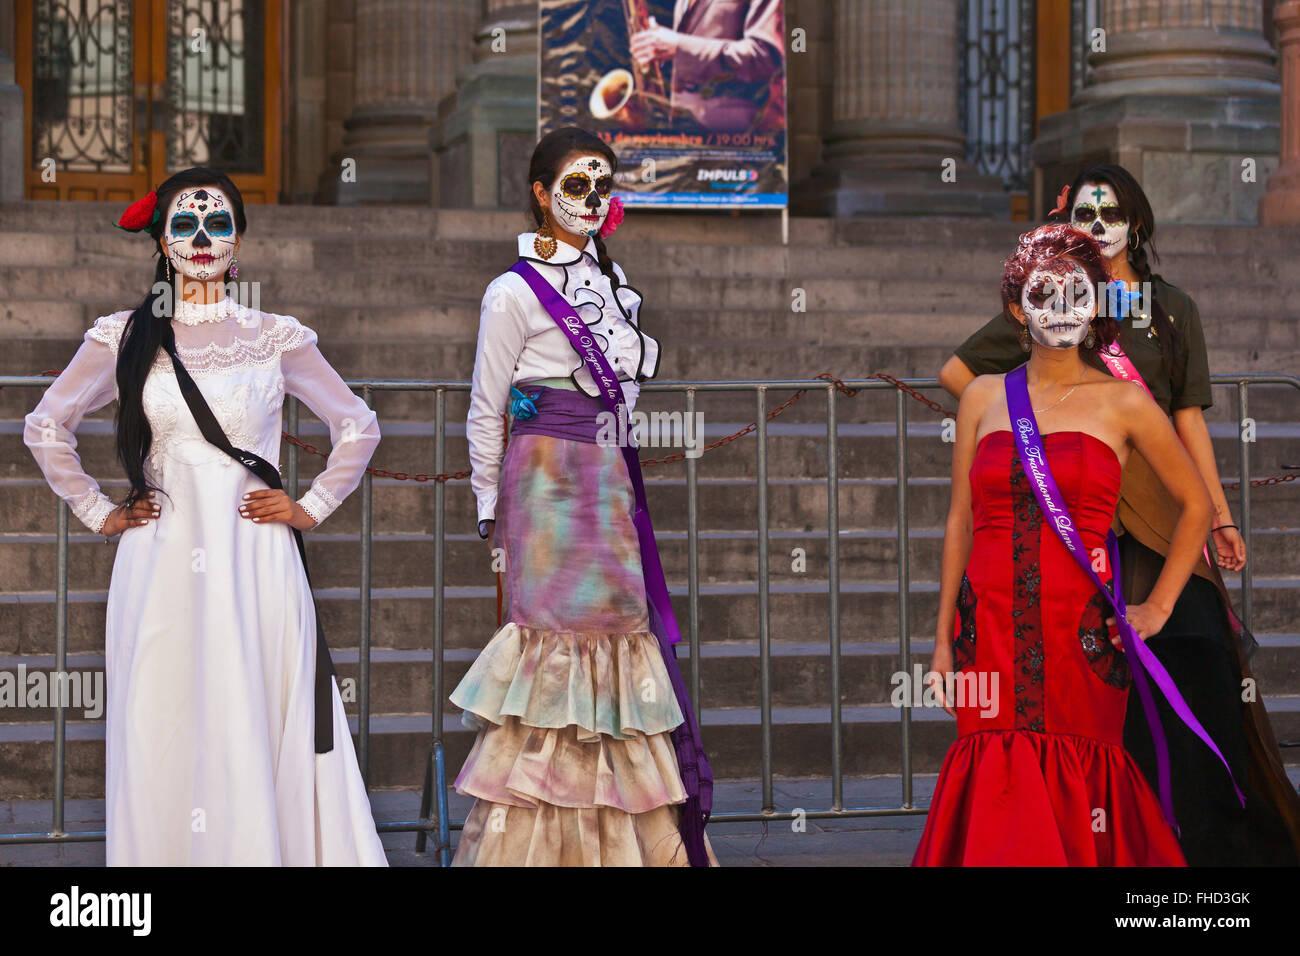 LA CALAVERA CATRINAS or Elegant Skulls, are the icons of the DAY OF THE DEAD - GUANAJUATO, MEXICO Stock Photo